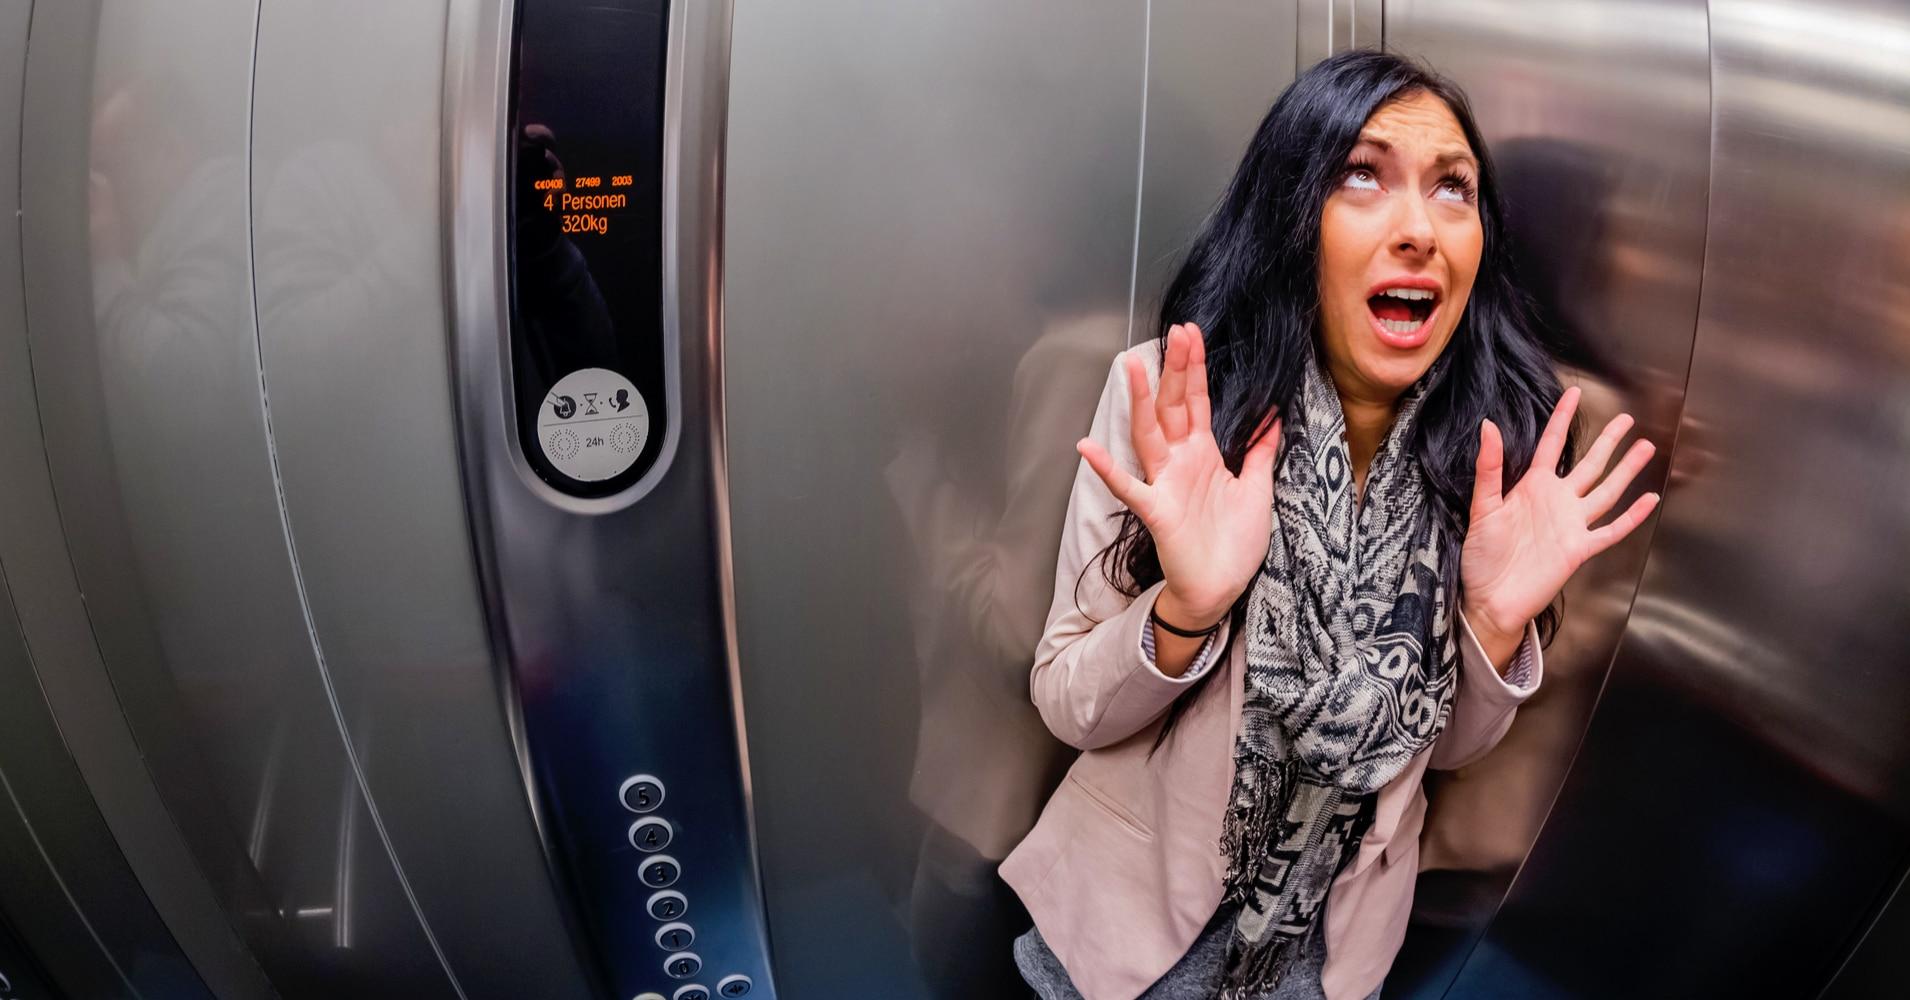 Fiquei preso no elevador e agora?